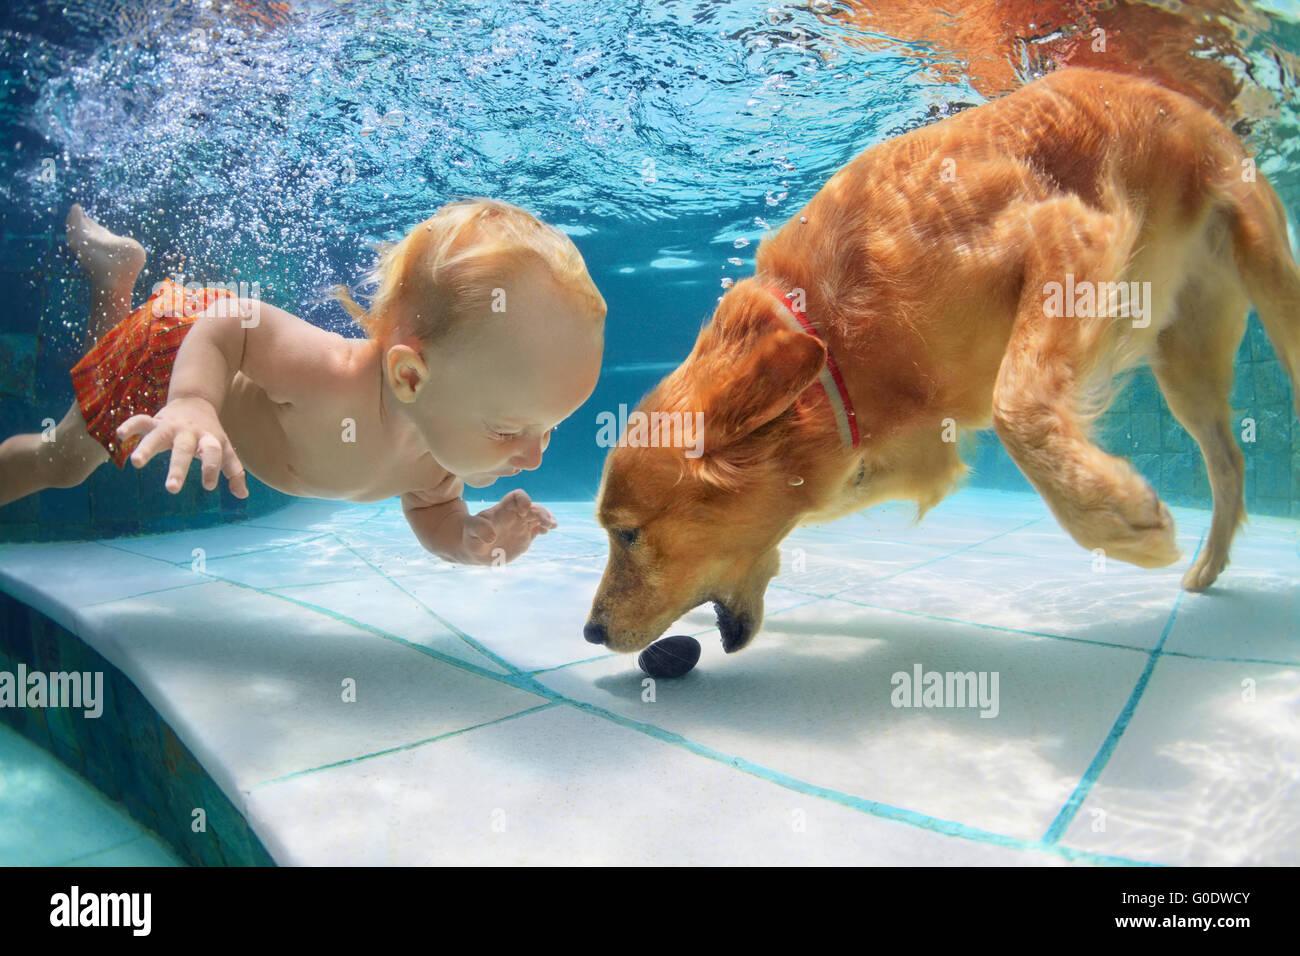 Drôle de petit enfant jouer avec plaisir et le train golden labrador retriever chiot de la piscine, saut et Photo Stock